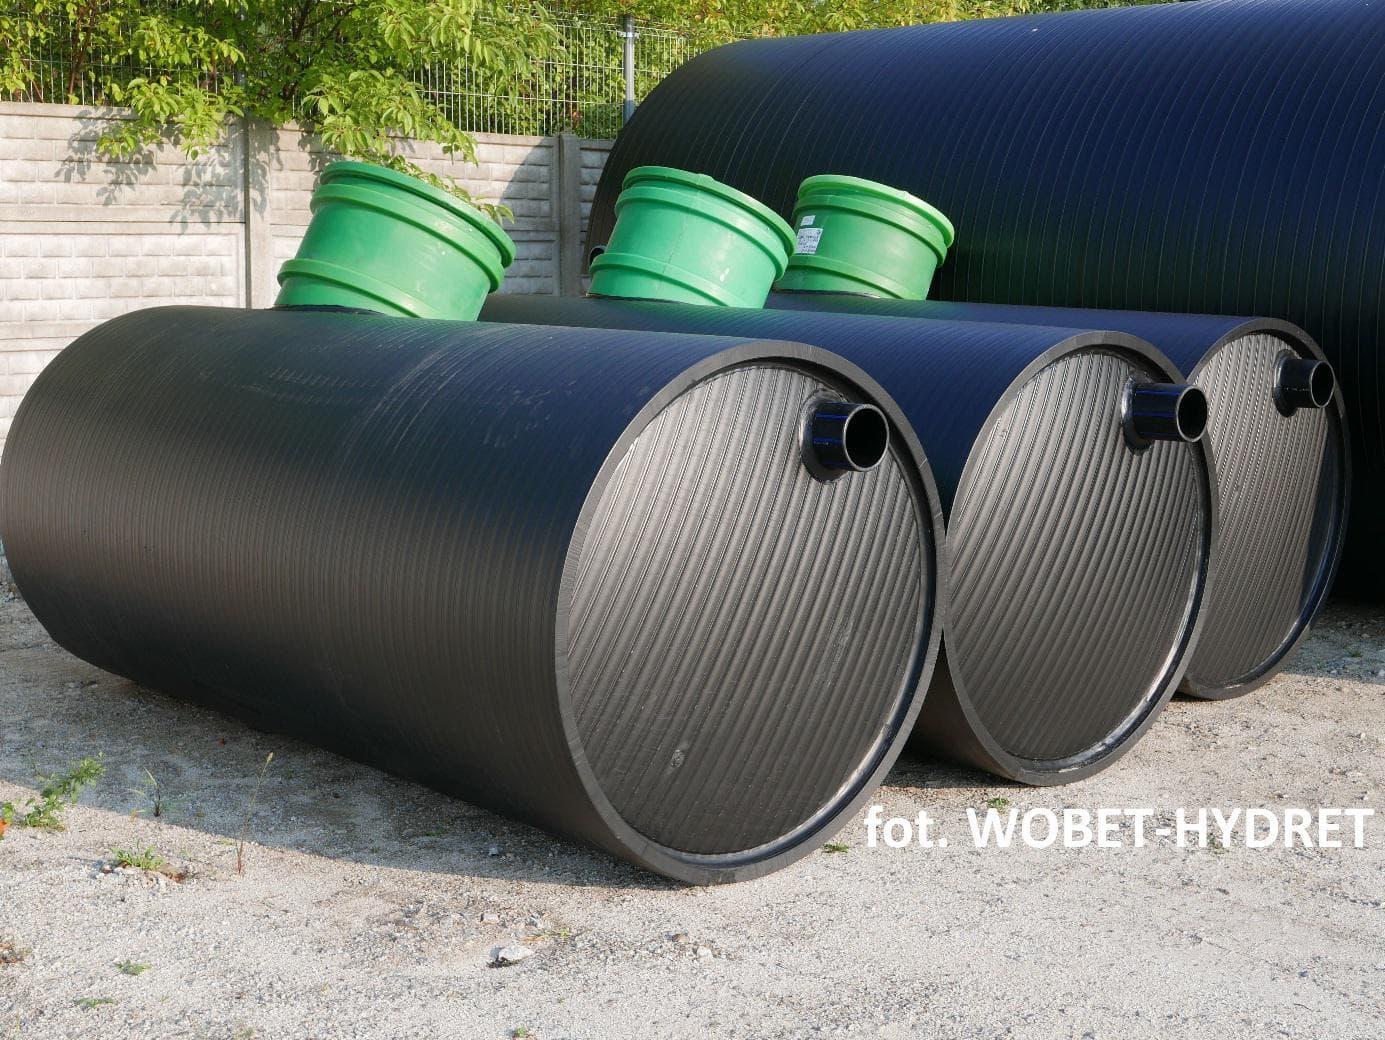 Zbiornik bezodpływowy 3m3 - Wobet-Hydret